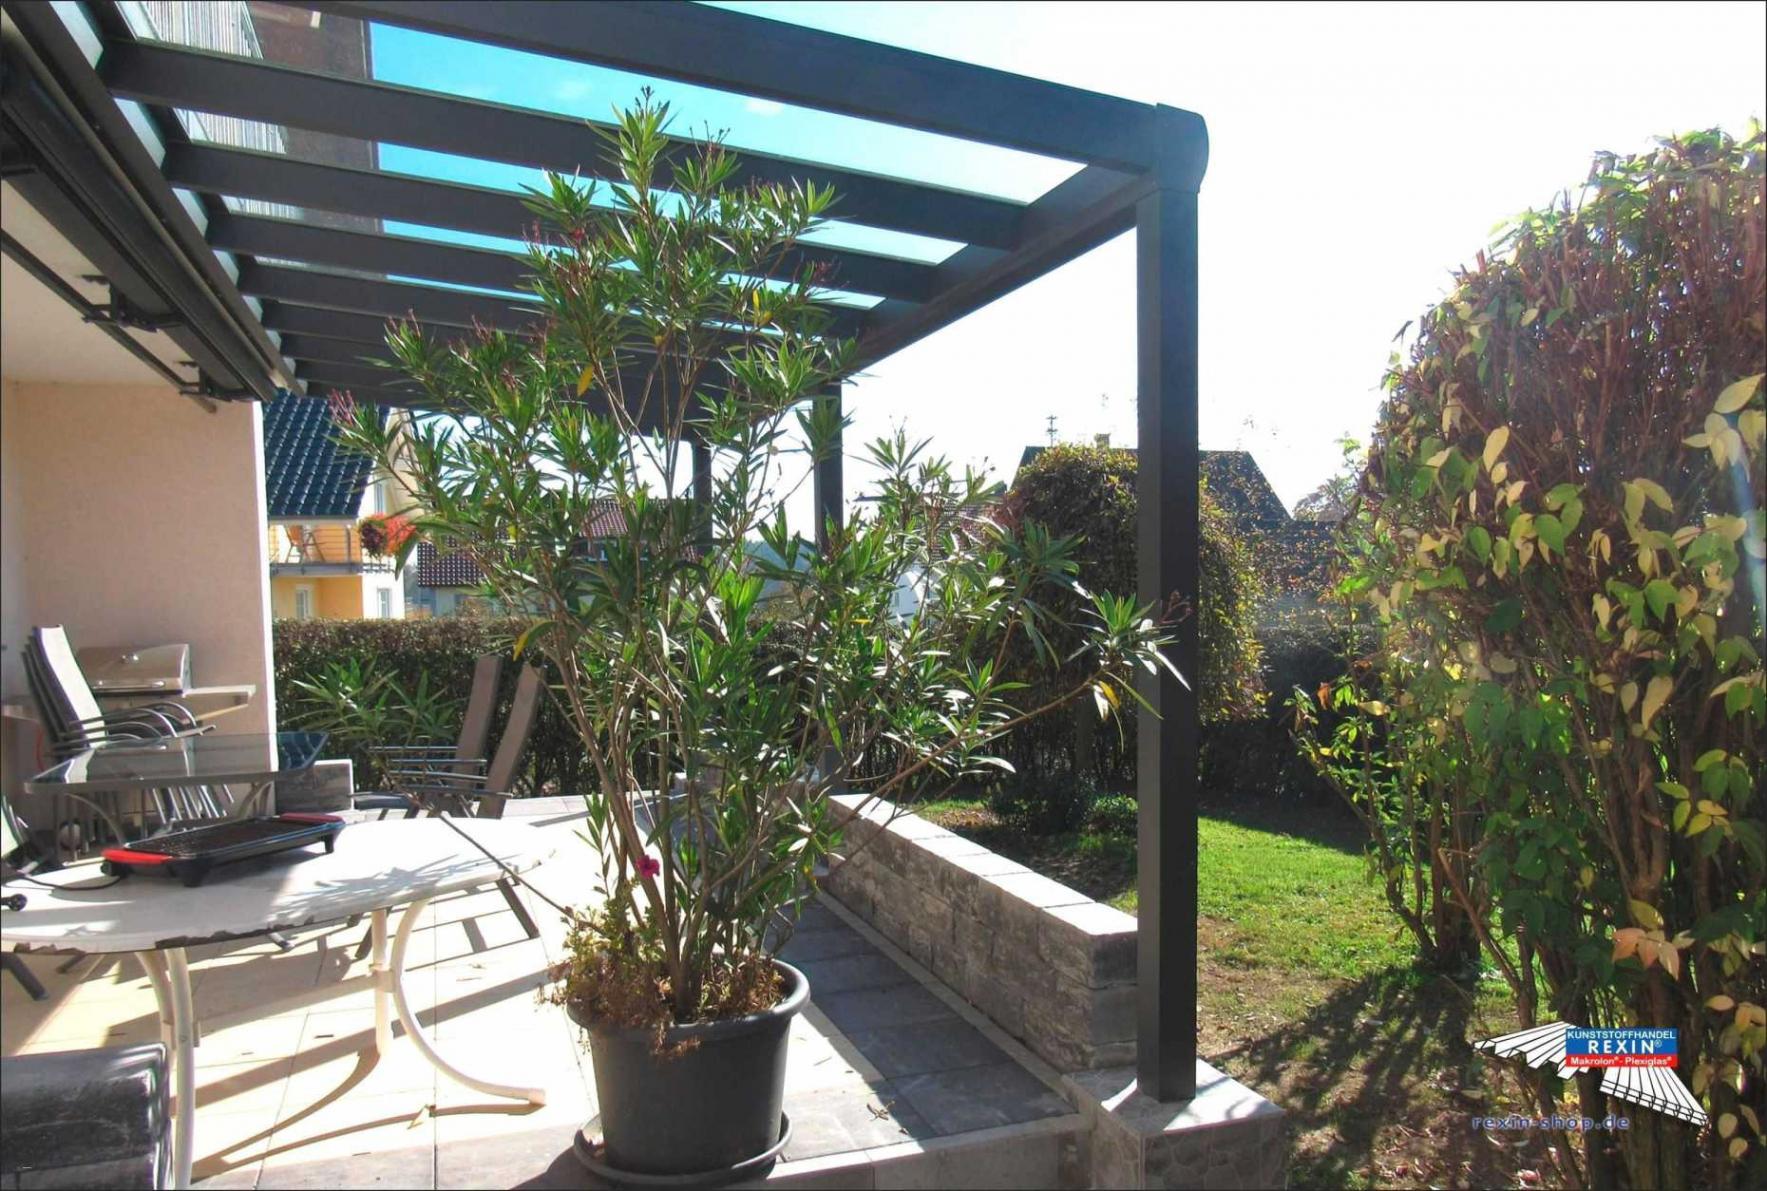 grillplatz garten ideen neu garten idee deko und garten elegant deko grillplatz im garten gestalten grillplatz im garten gestalten